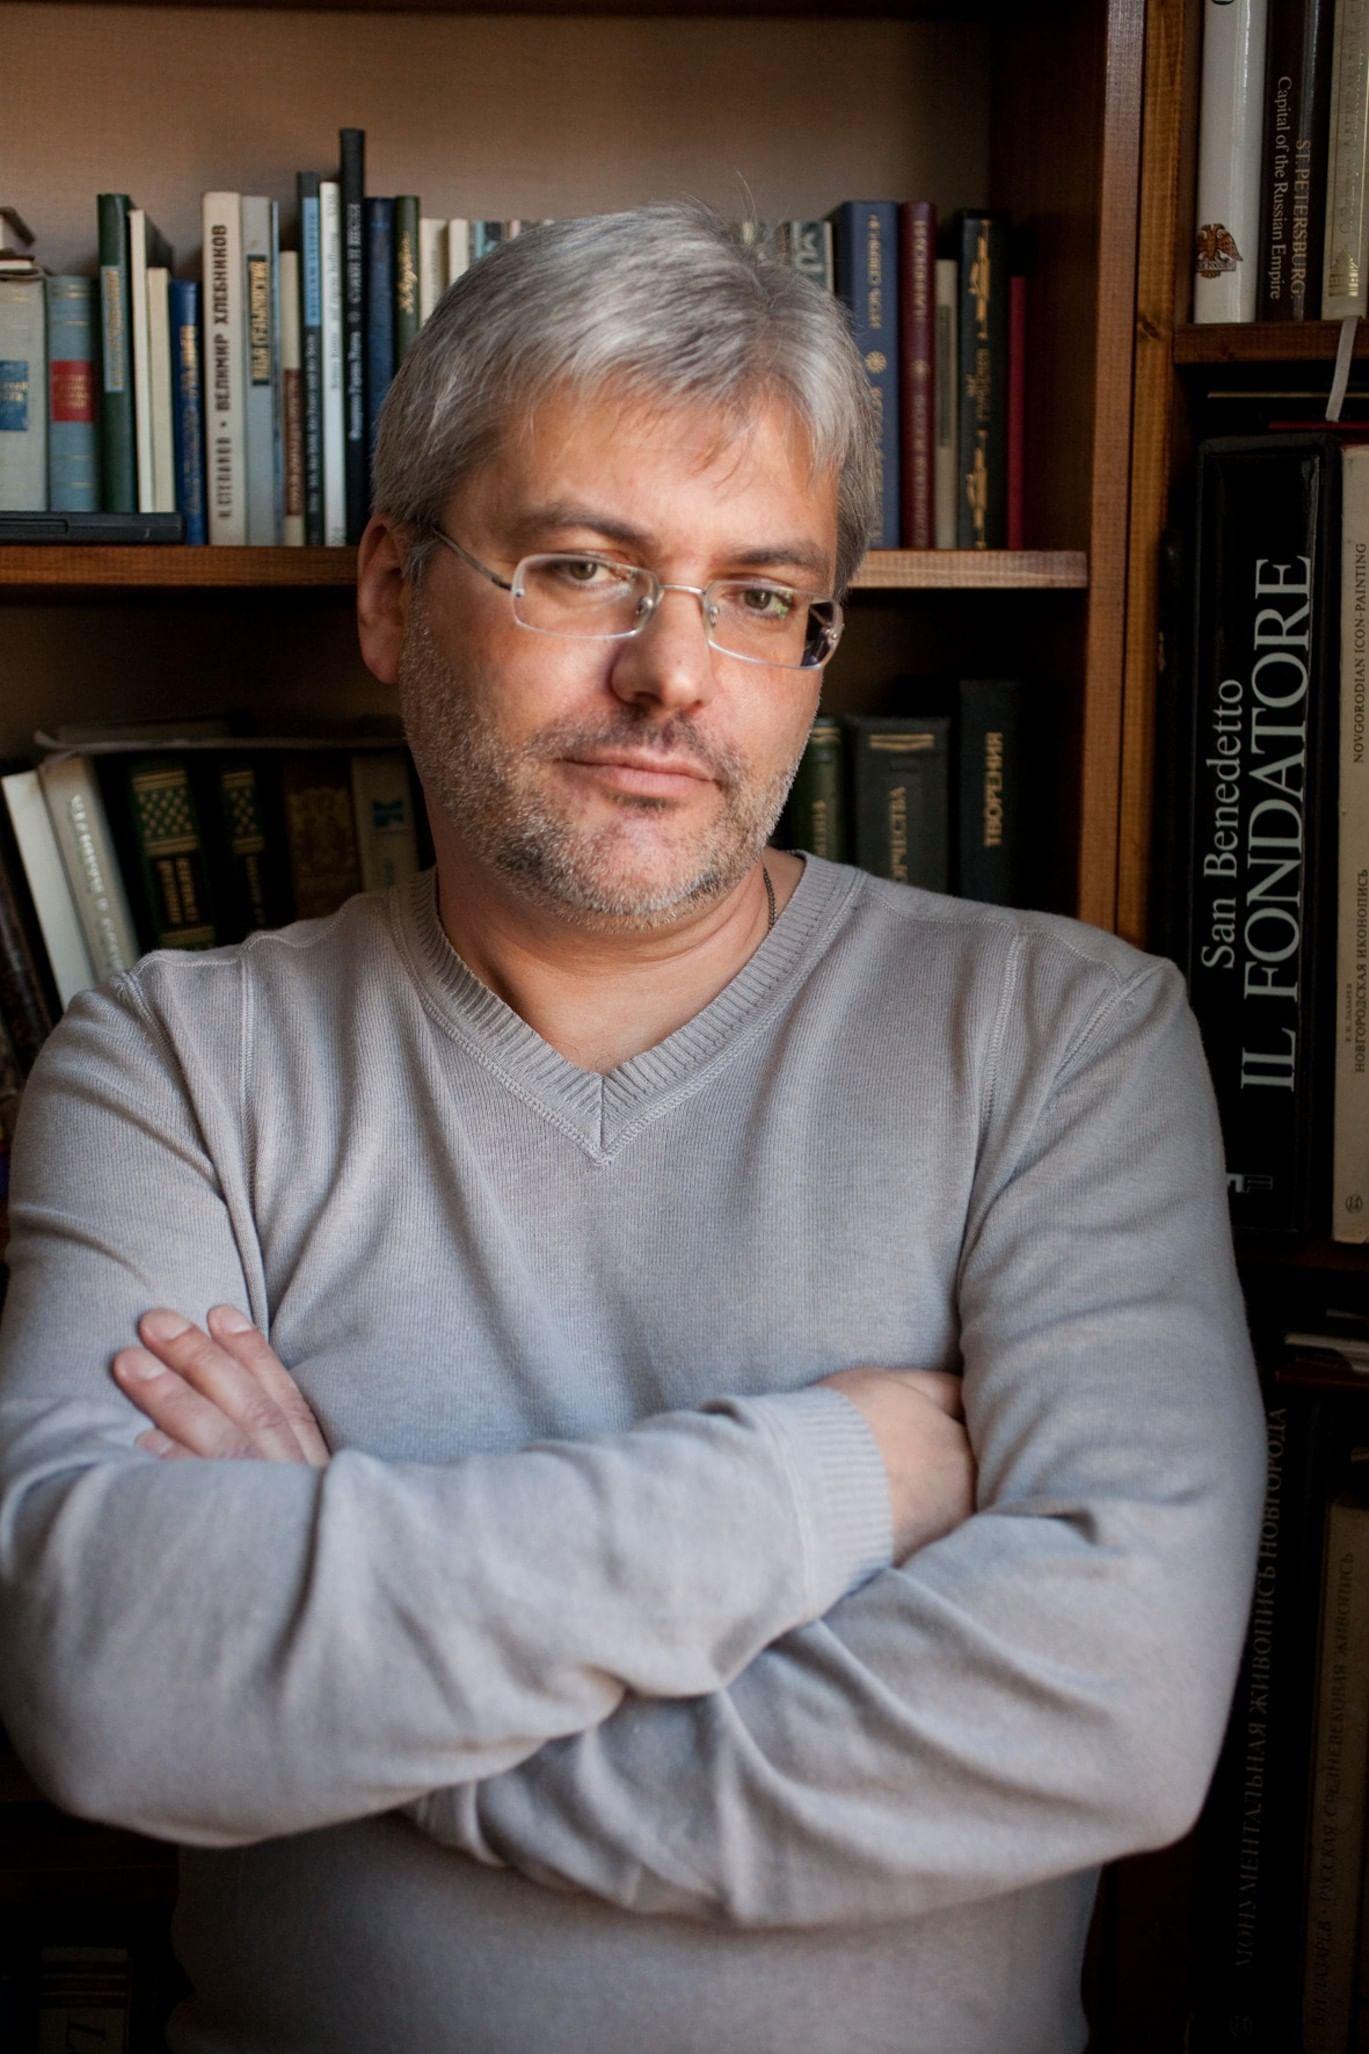 Топ-5 современных писателей, которых важно знать. Галерея 1. Евгений Водолазкин